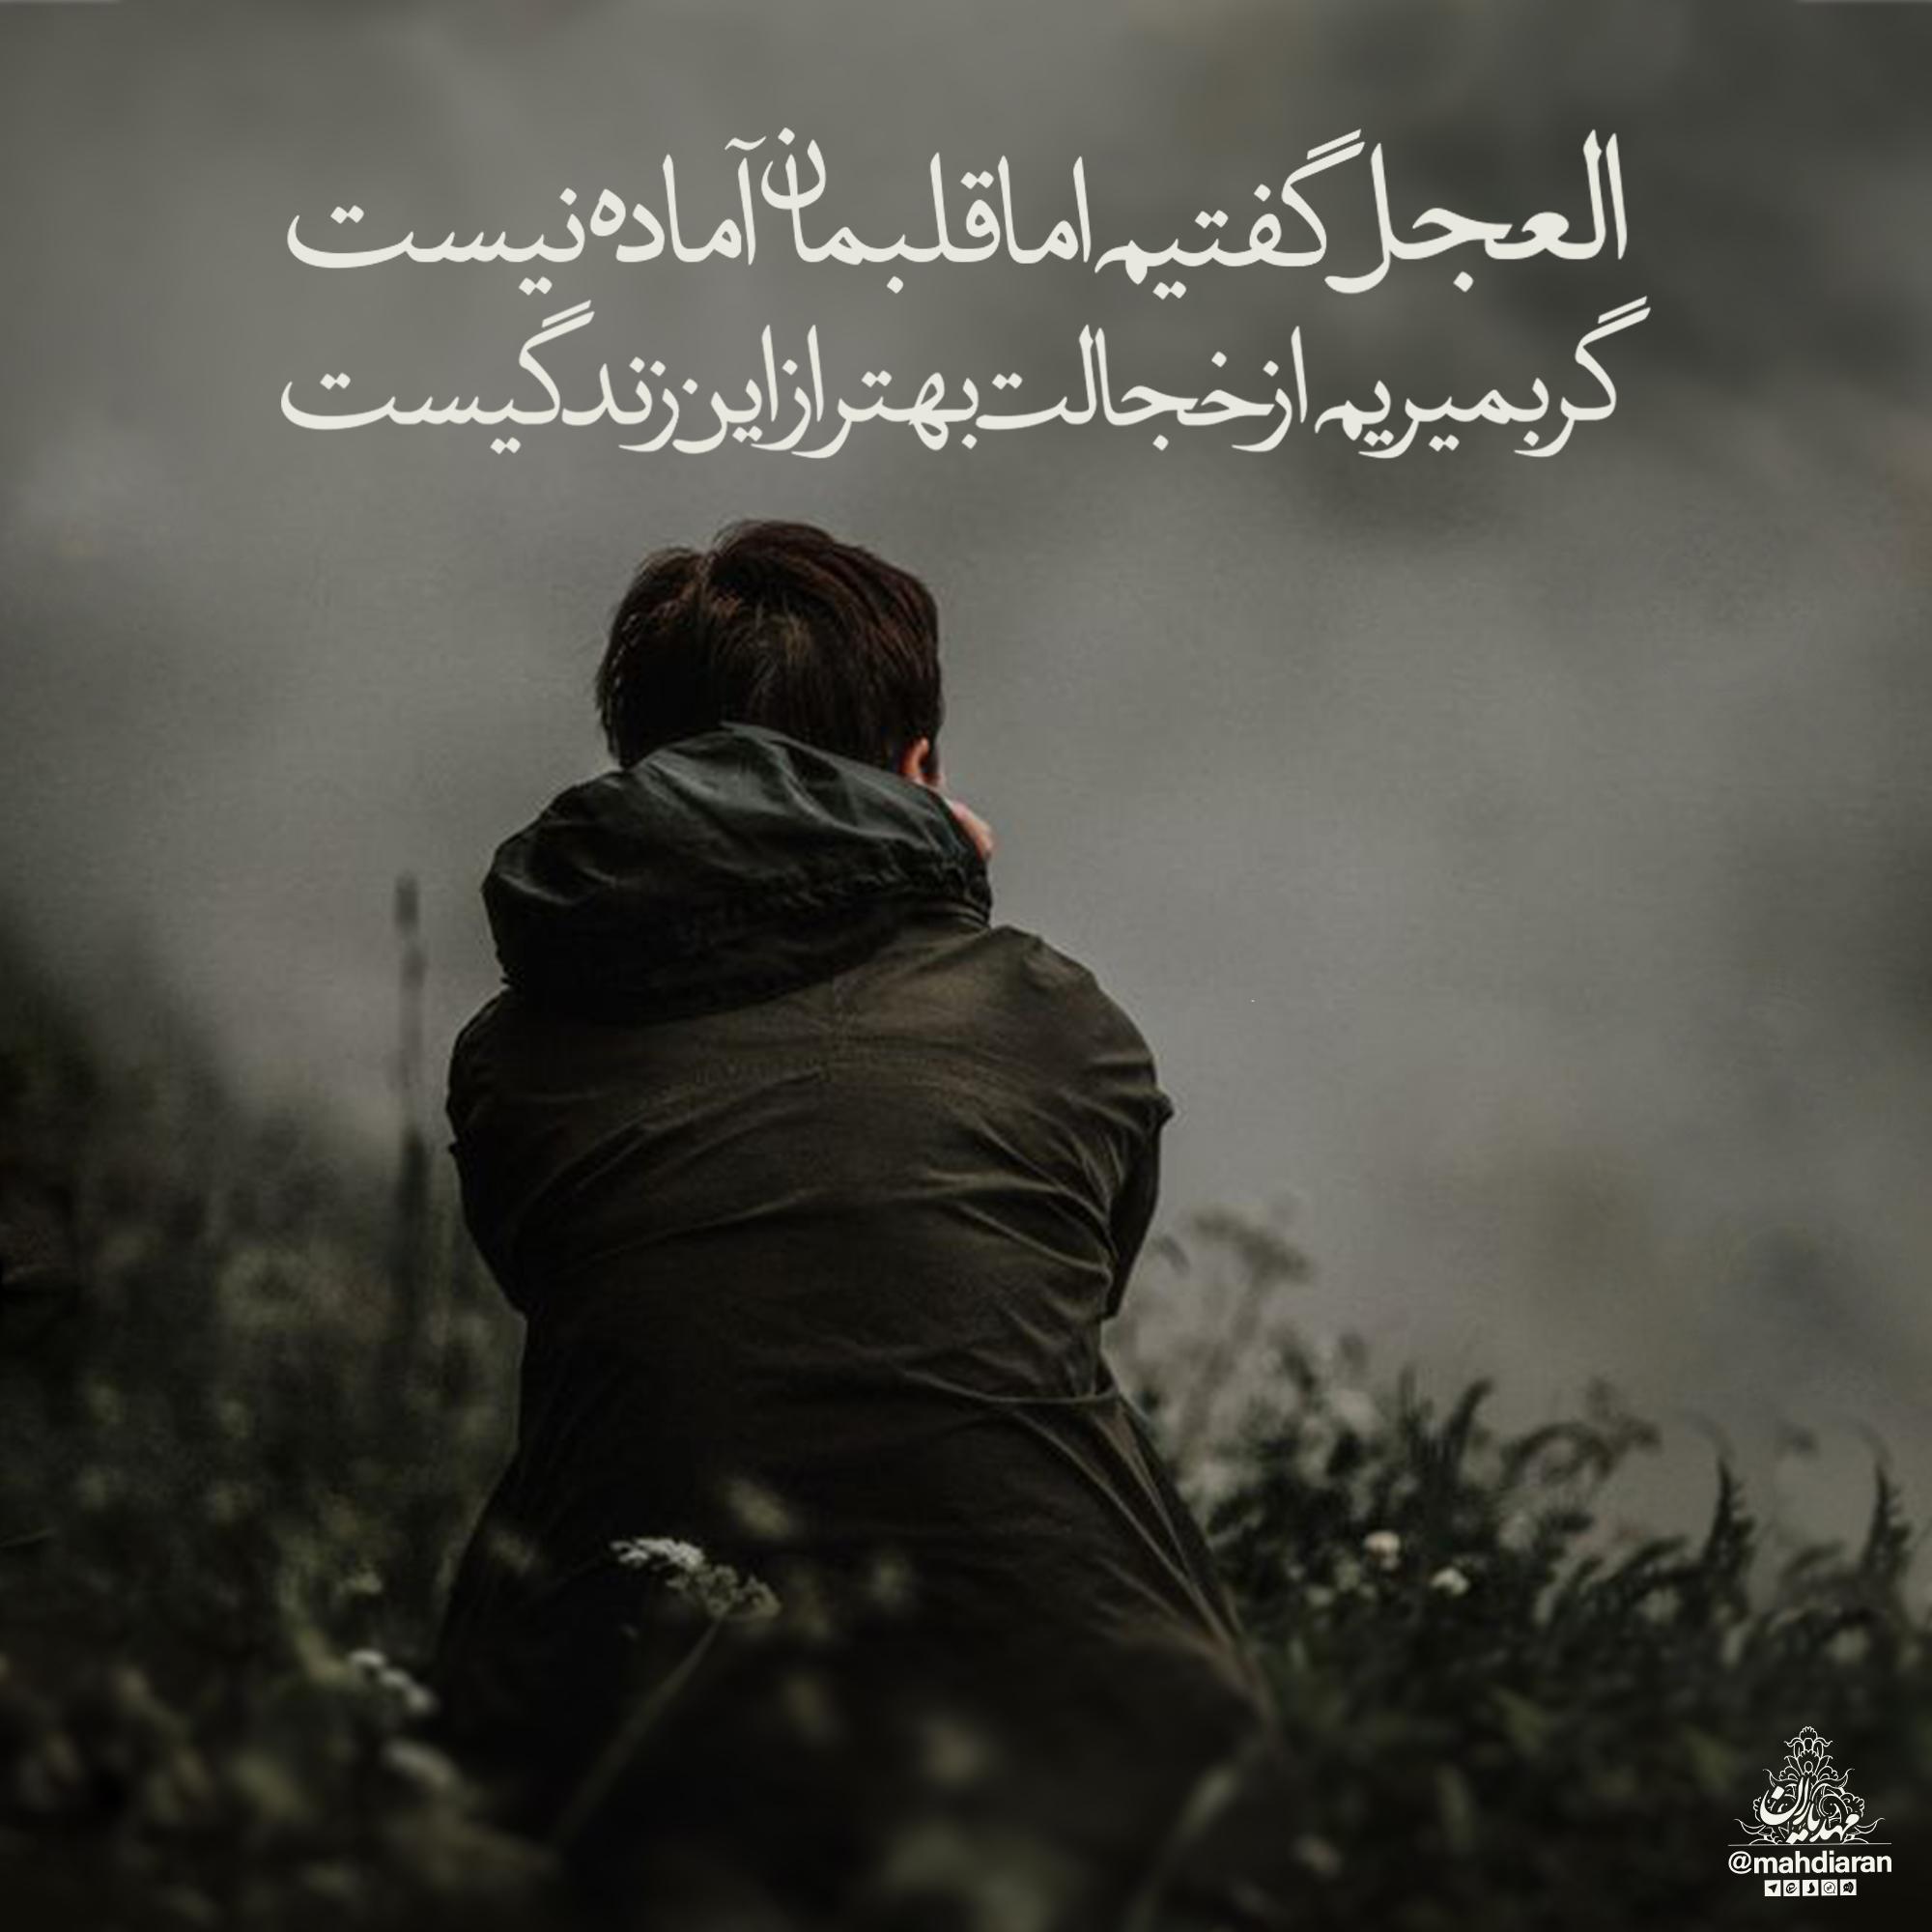 العجل گفتیم اما قلبمان آماده نیست / گر بمیریم از خجالت بهتر از این زندگیست